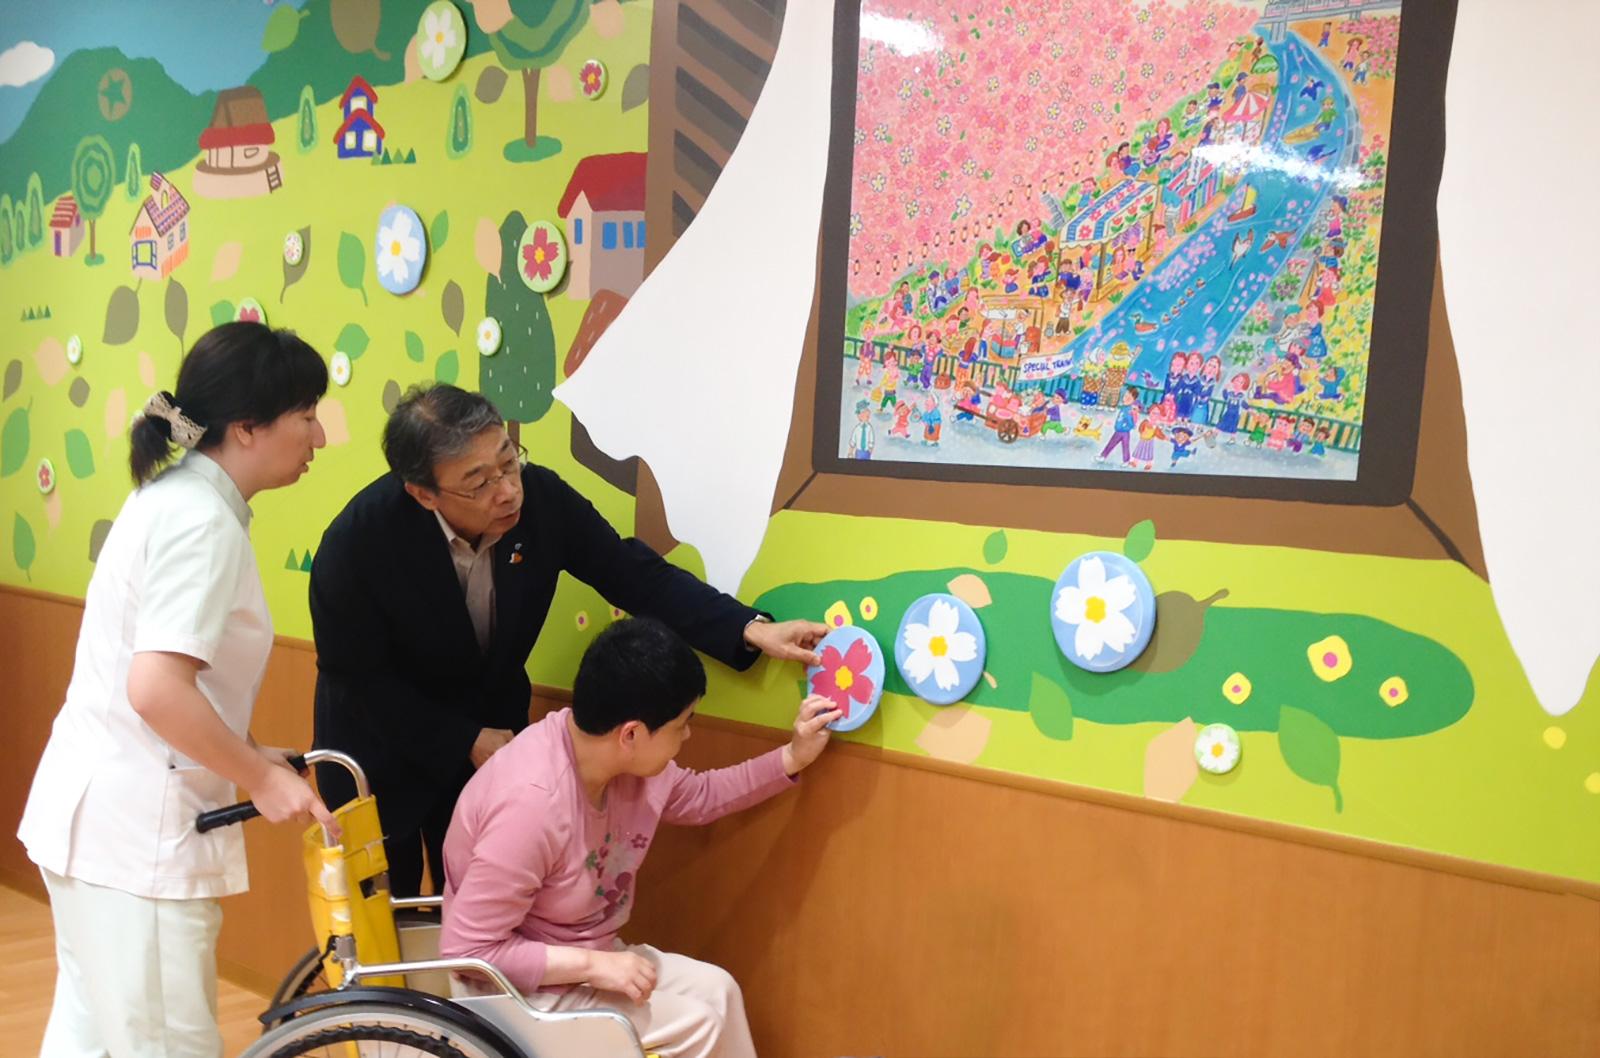 ホスピタルアート 西部島根医療福祉センター 食堂 壁画「 Picnic – 佐々木恵未さんの世界へ」